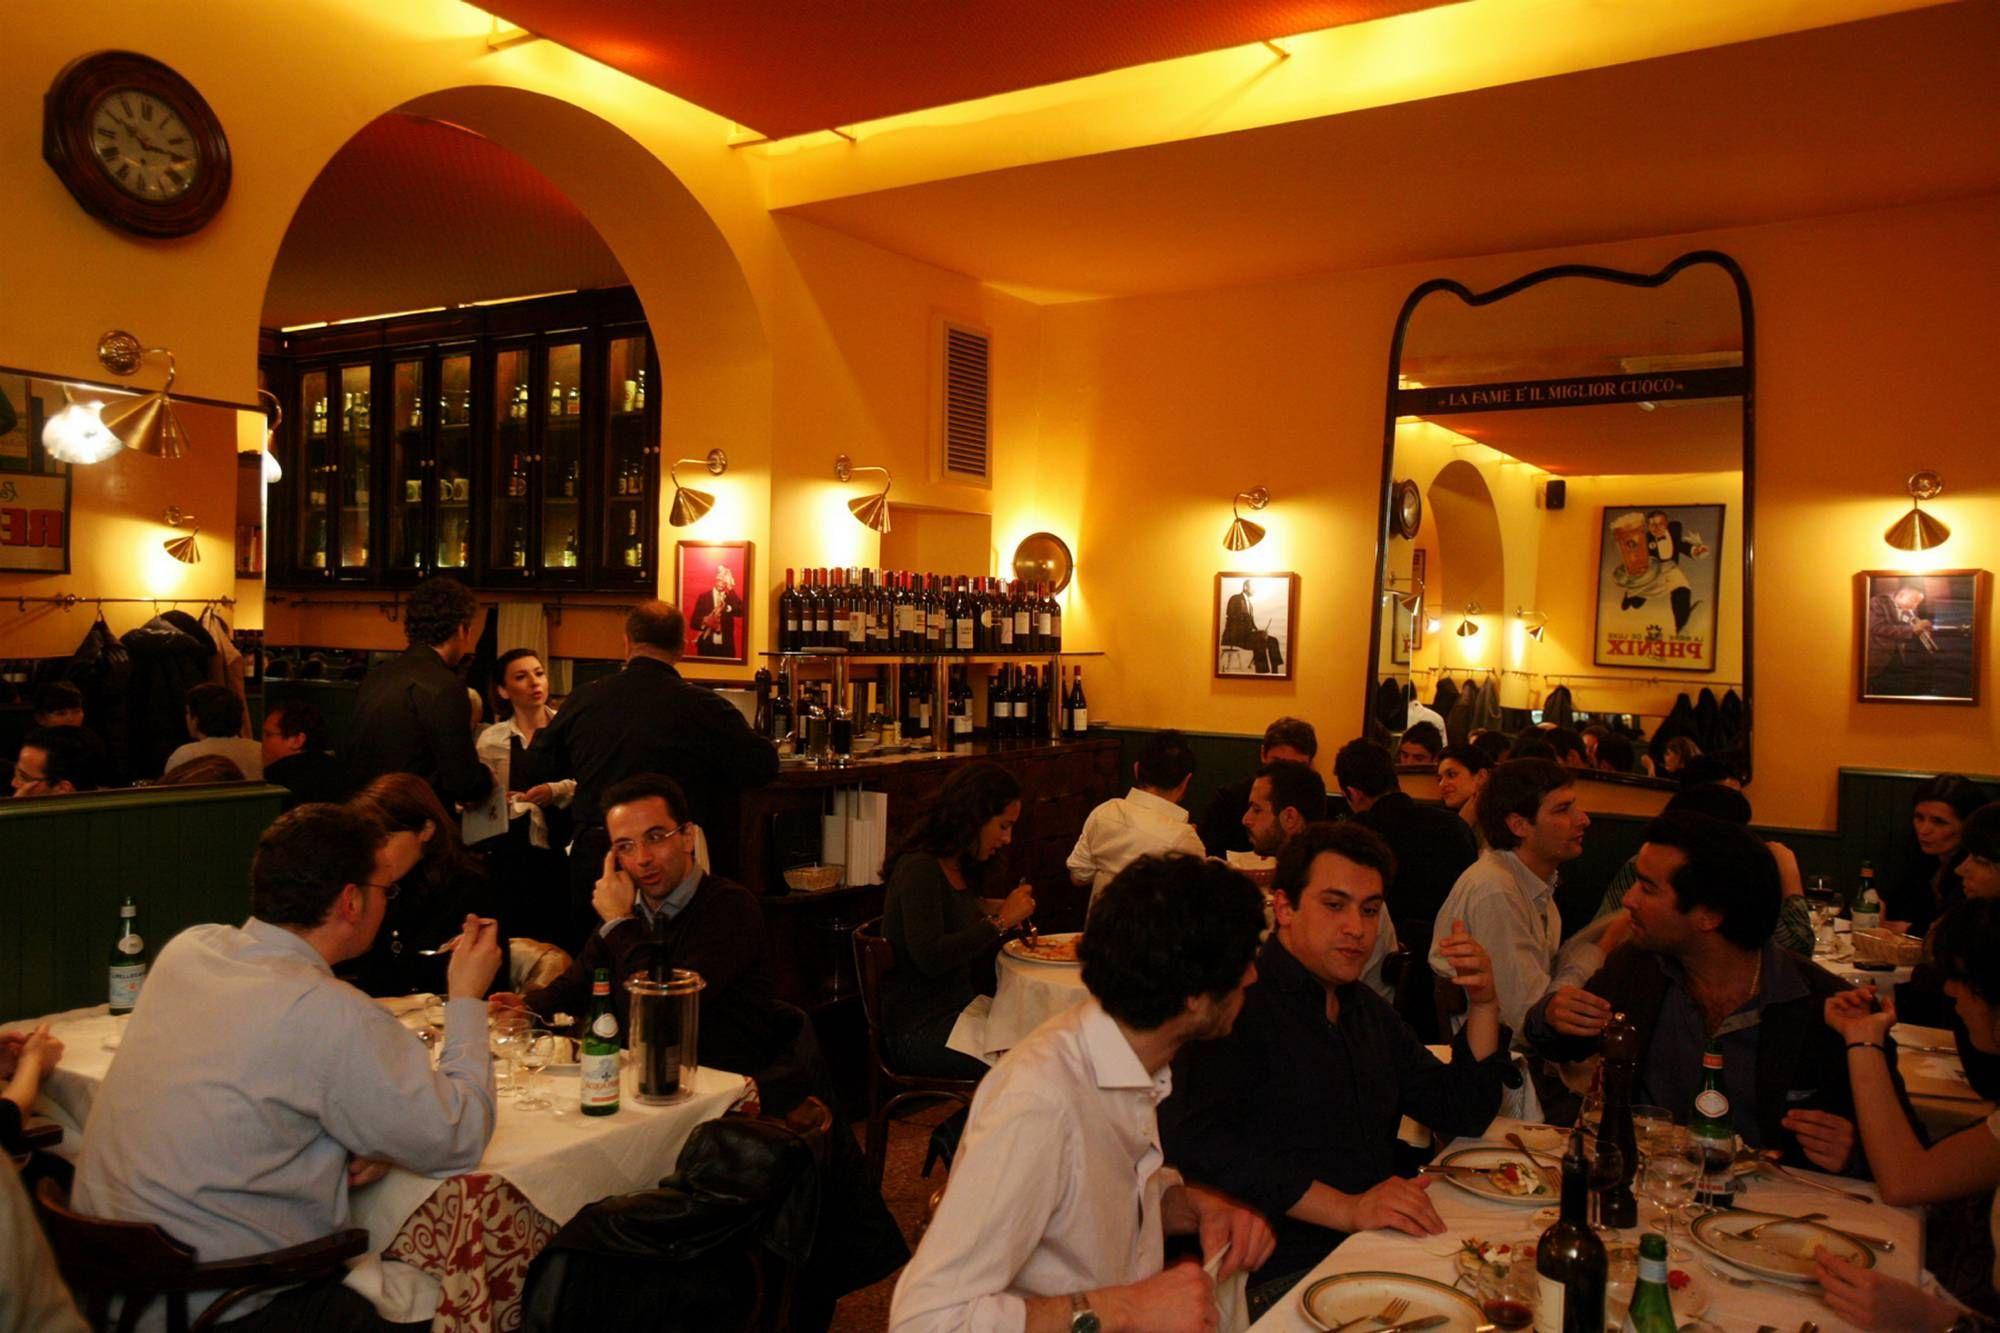 Ferragosto in citt ma al ristorante 10 di presenze al - Ristorante con tavoli all aperto roma ...